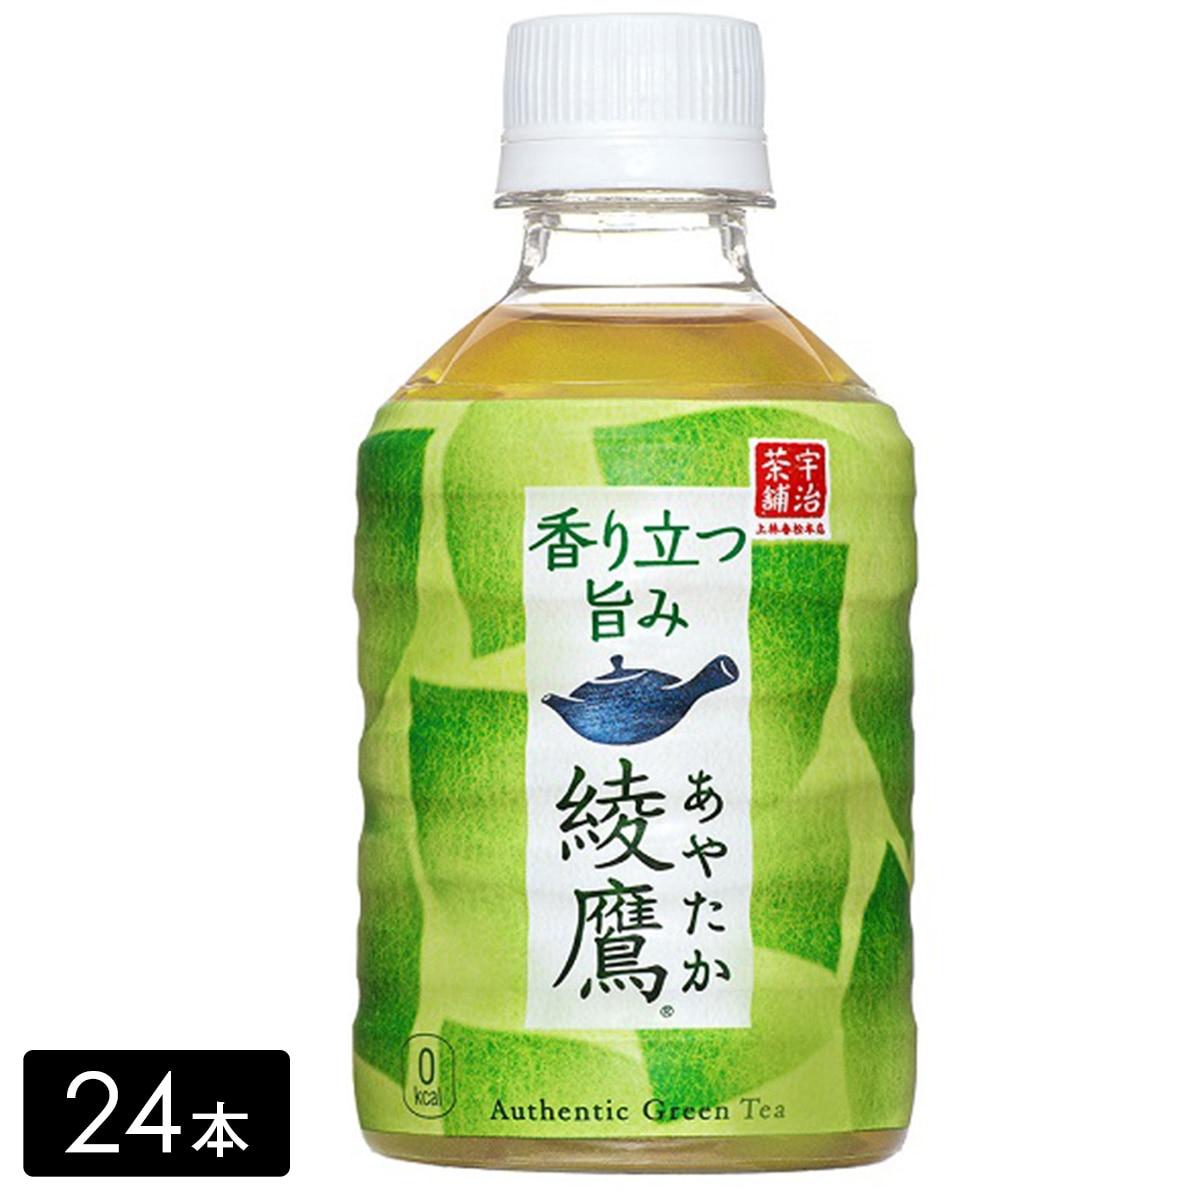 綾鷹 緑茶 280mL×24本